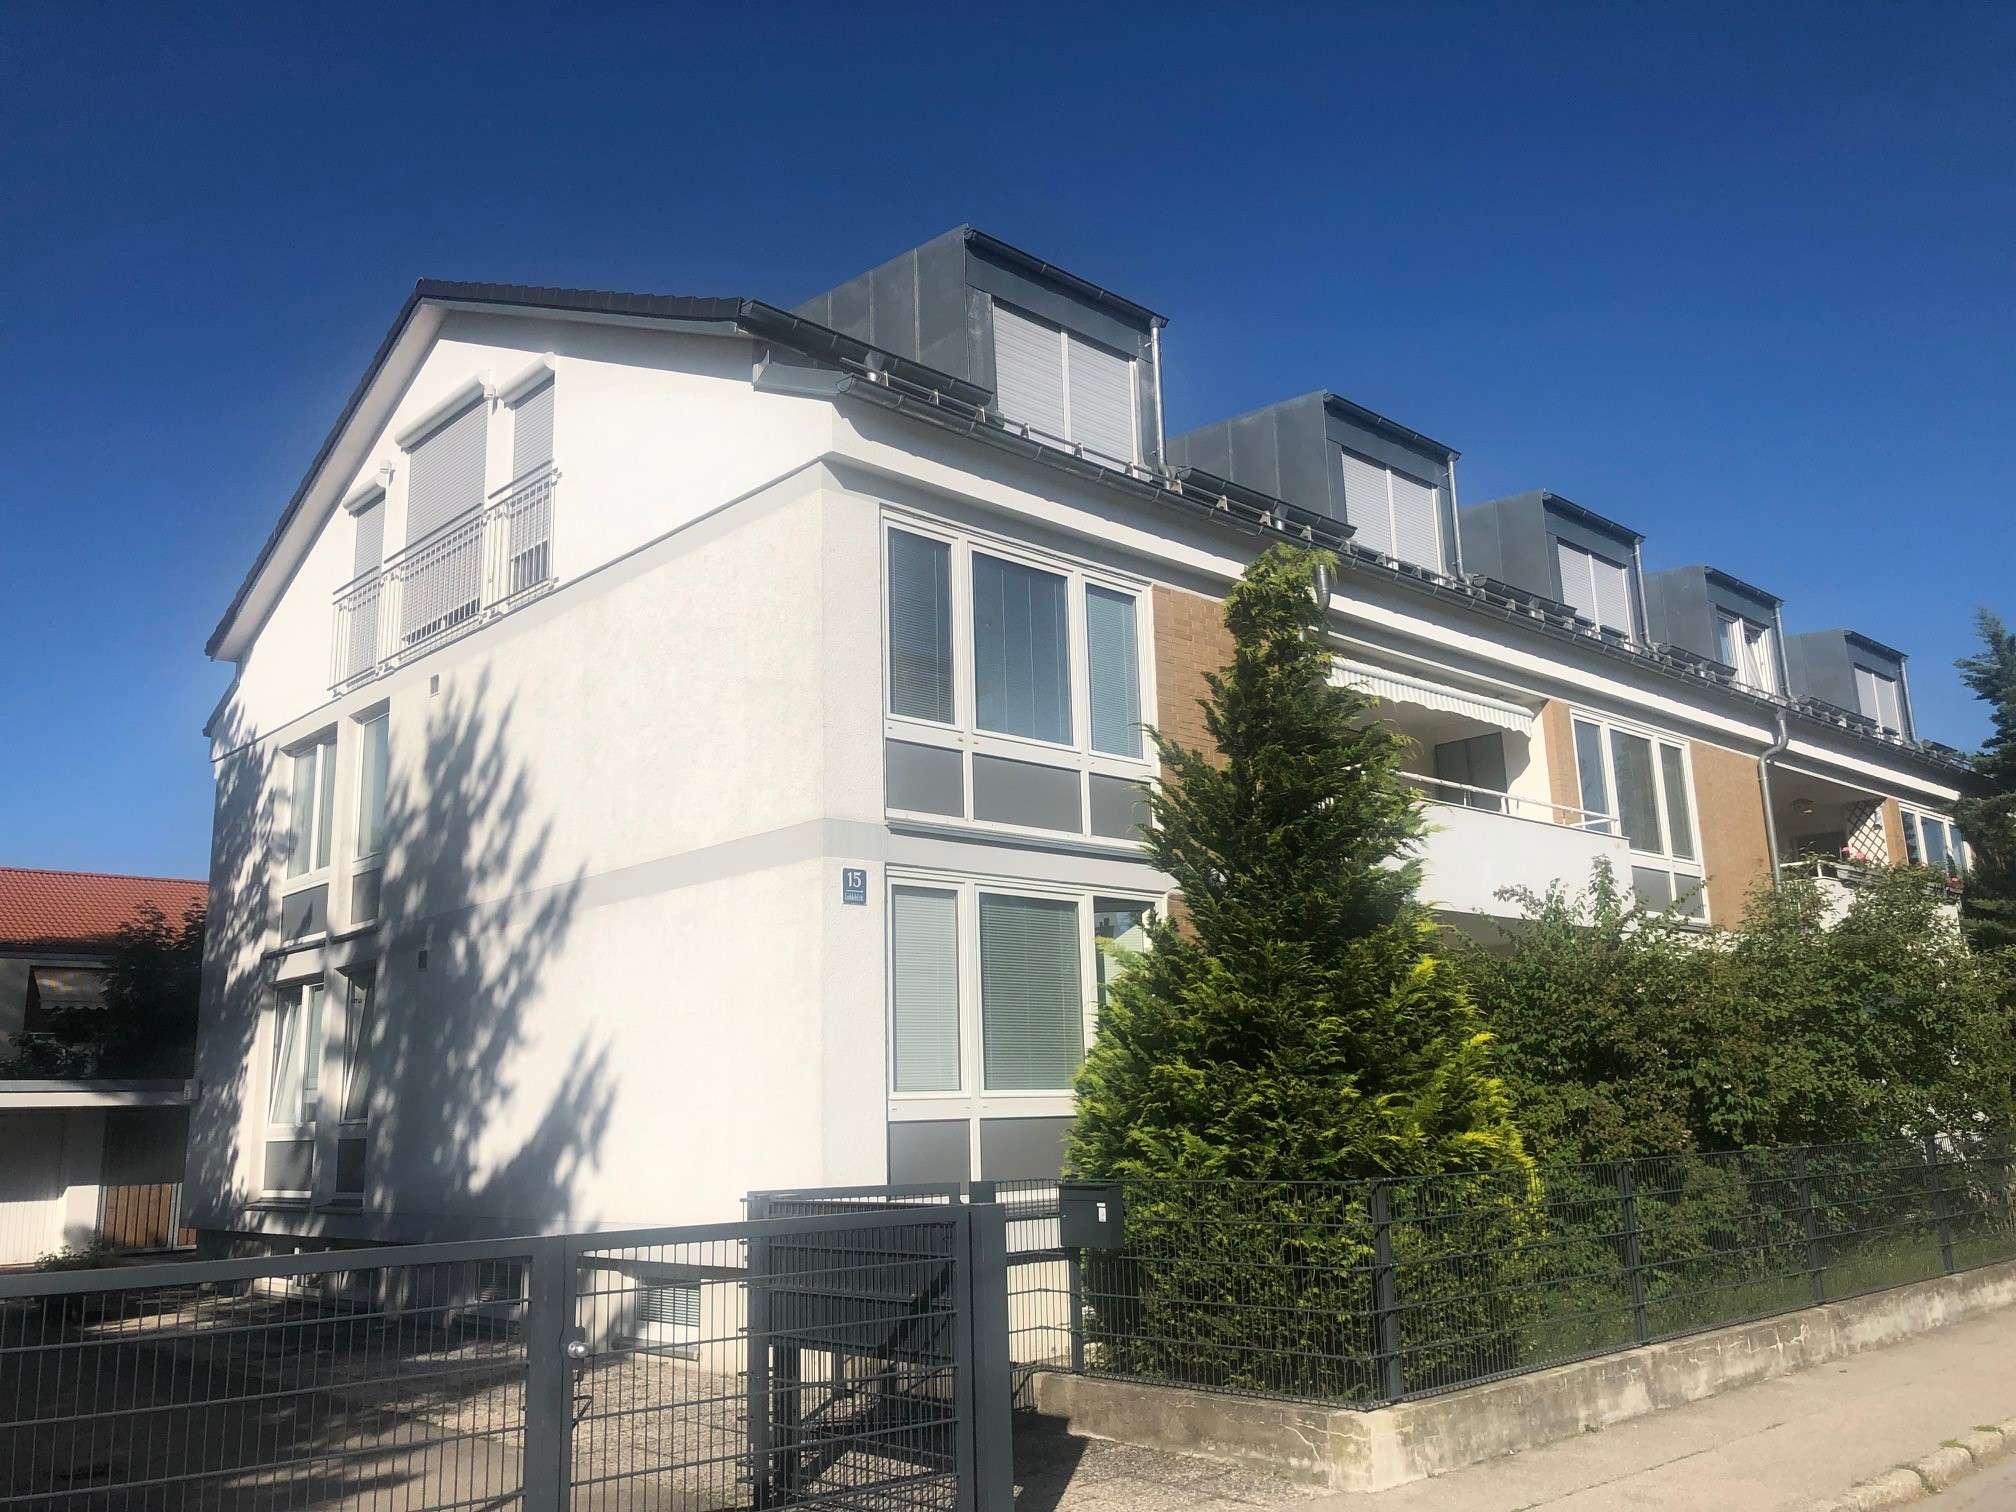 Sehr schöne und helle Luxus- DG Wohnung inkl.neue Küche, 3,5 Zimmer in Krailling (Starnberg)